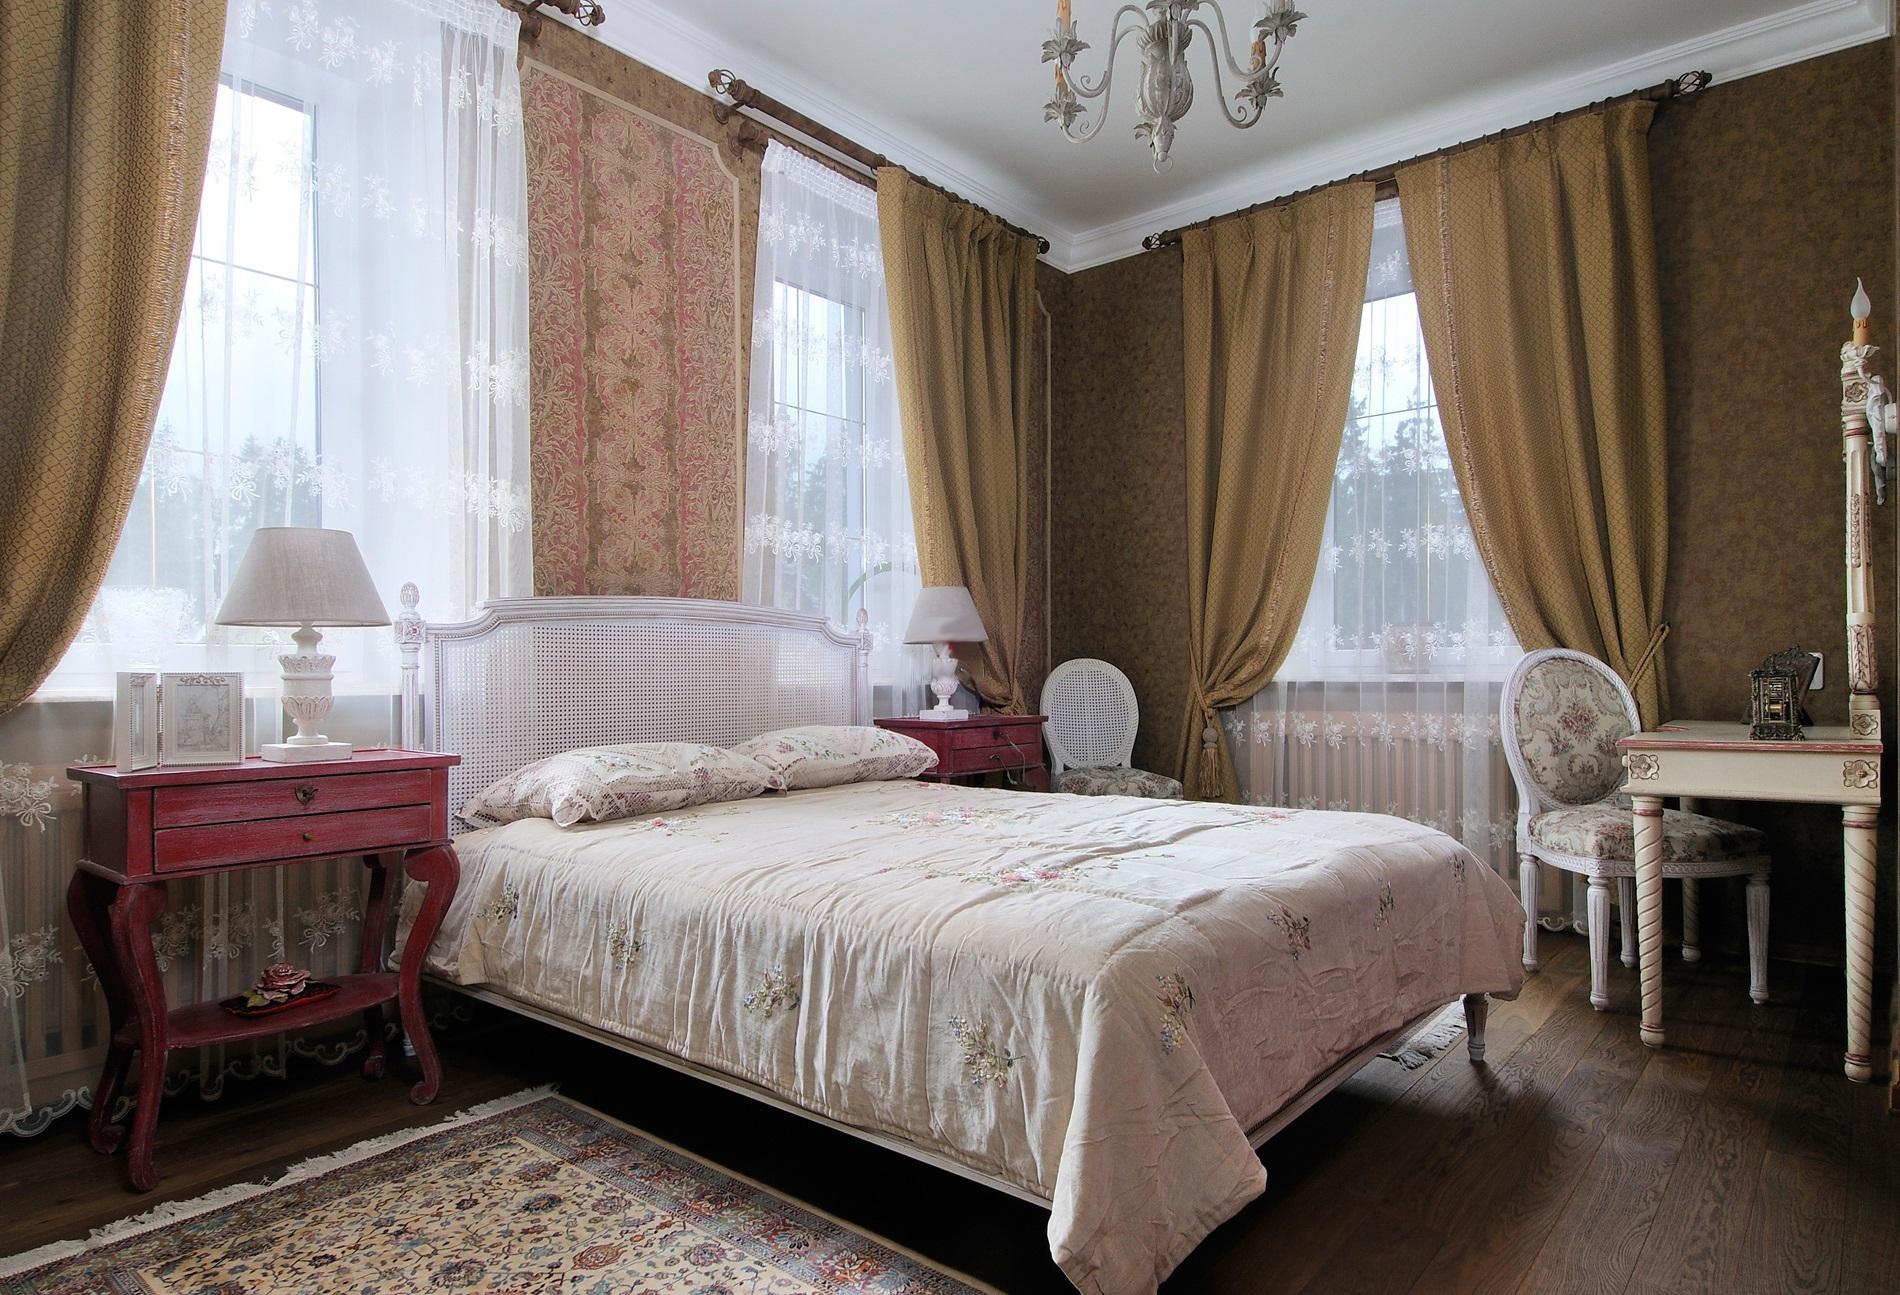 Уютная просторная спальня во французском стиле